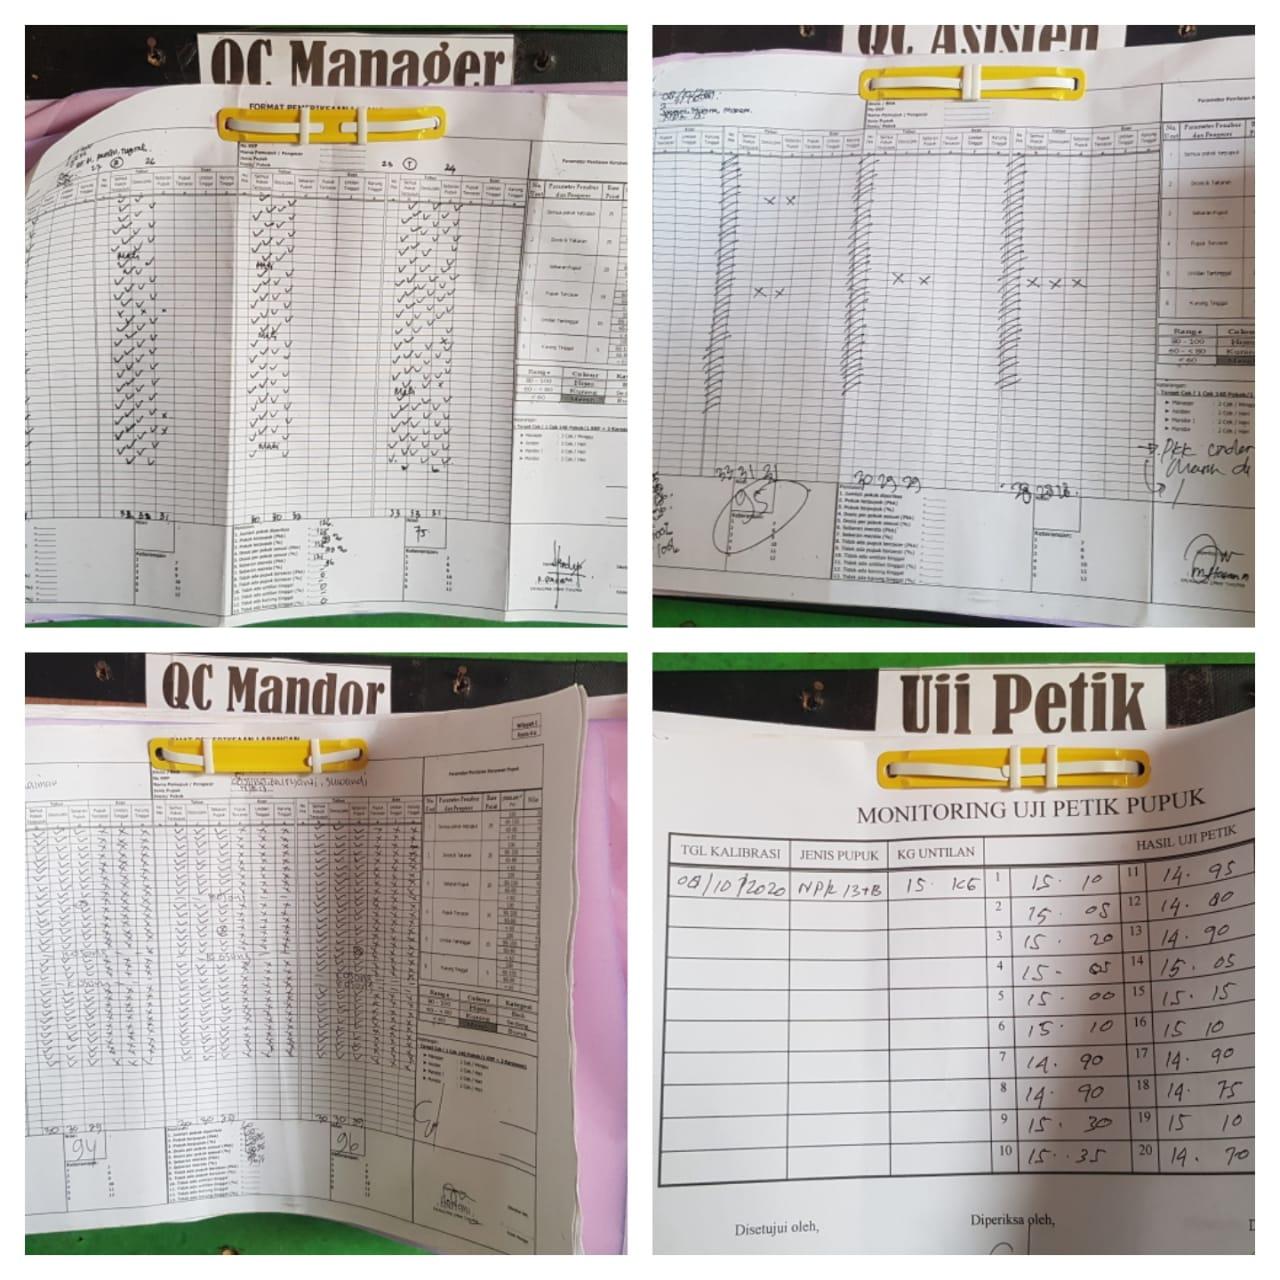 3. Monitoring QC Manager dan Uji Petik